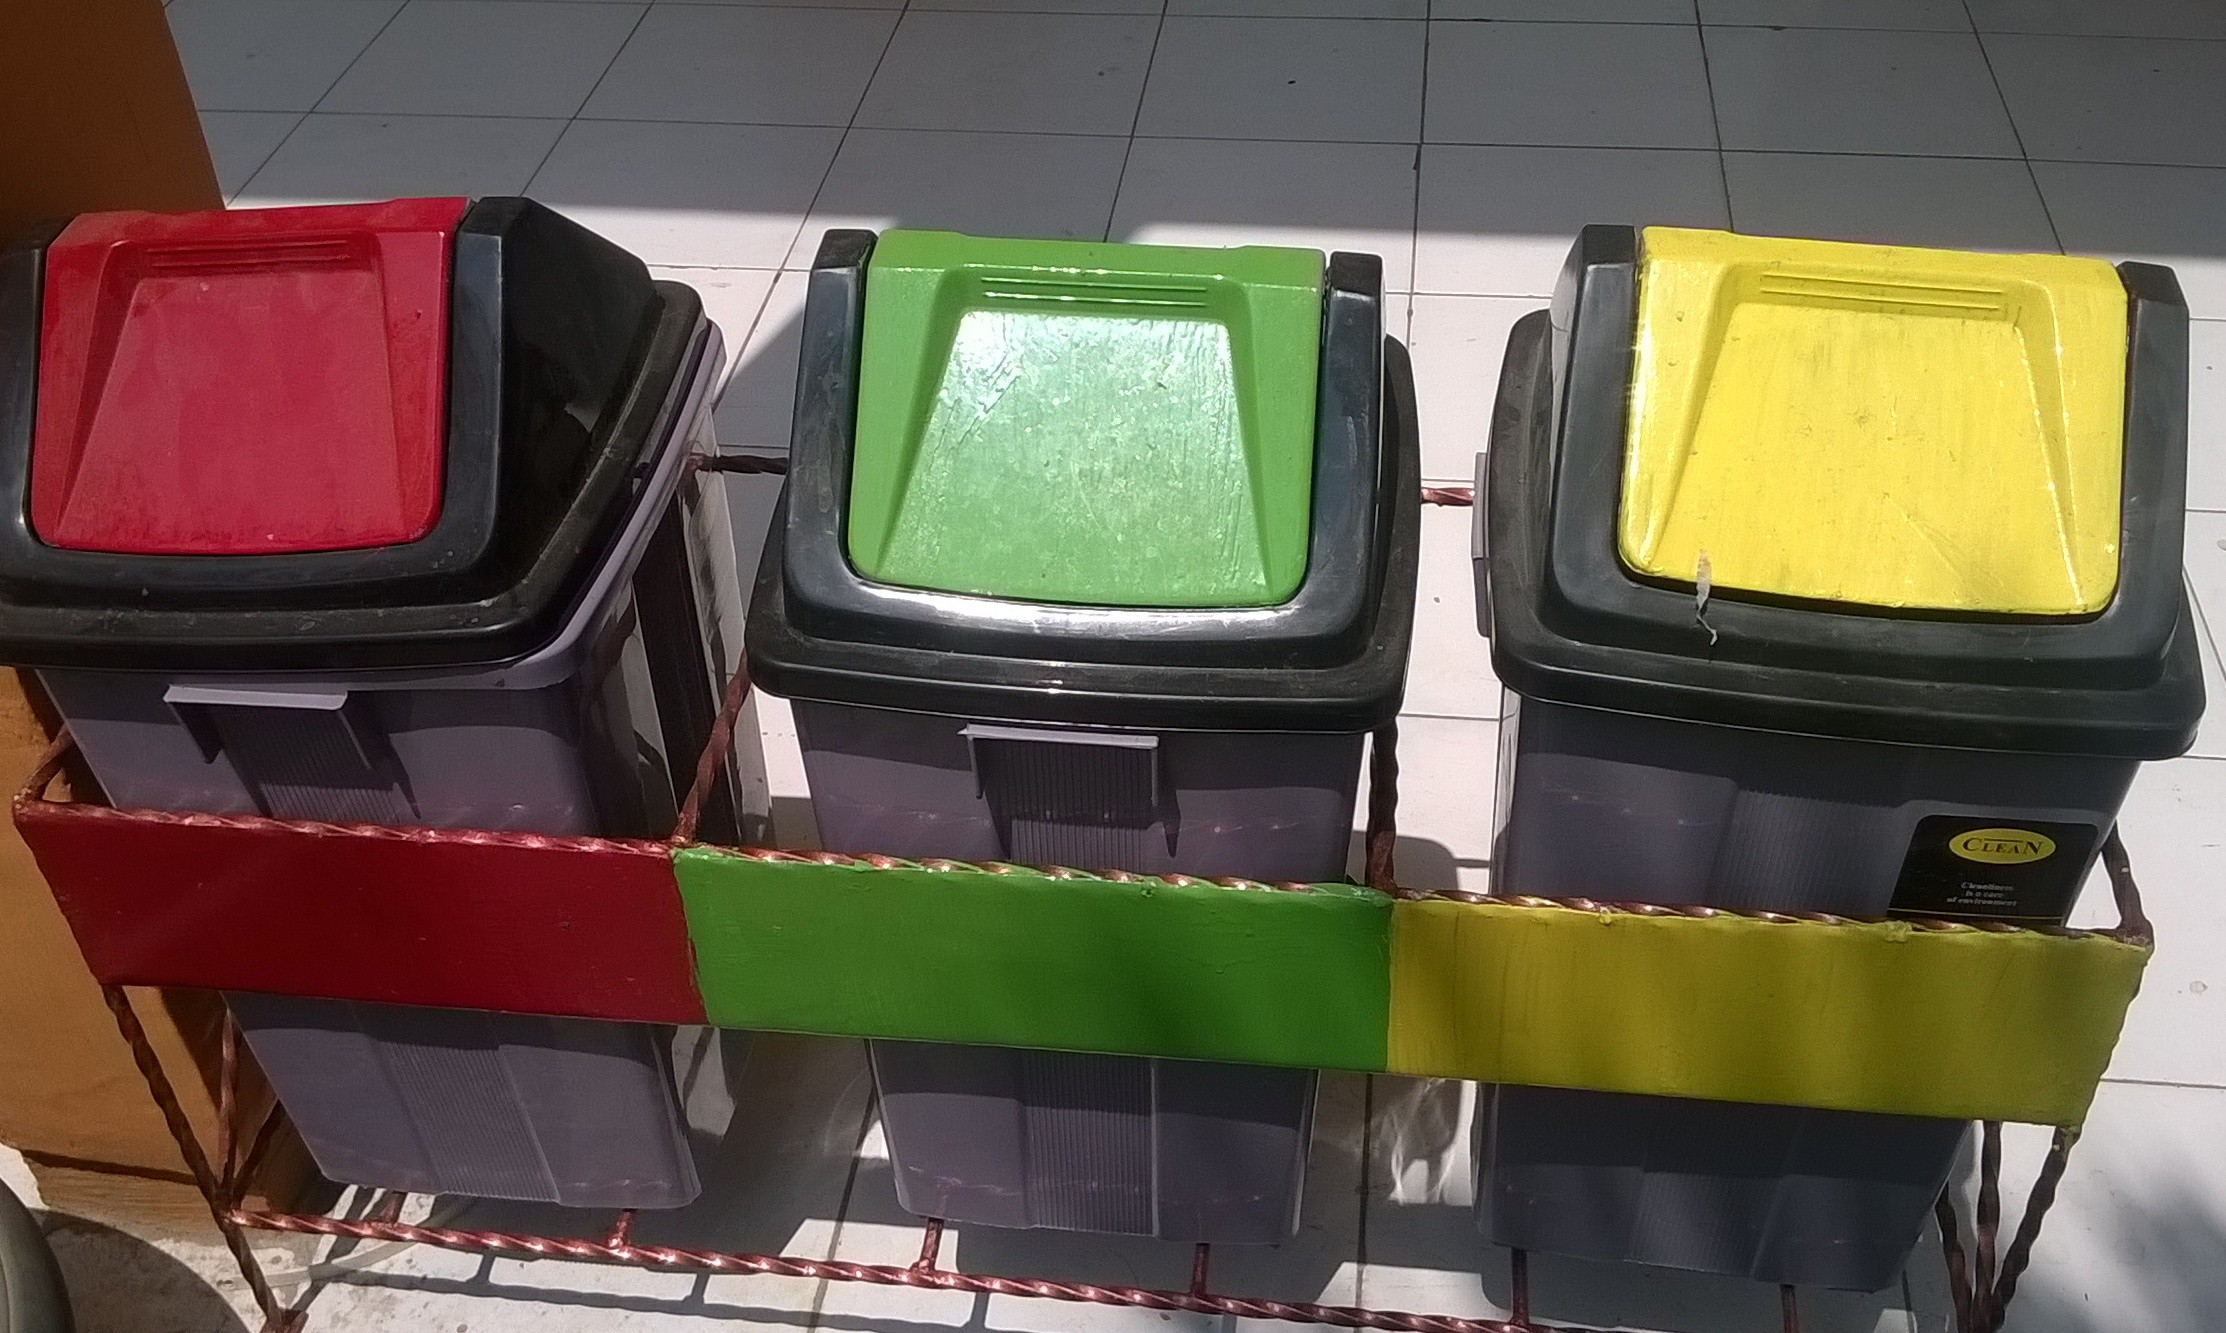 Arti Tempat Sampah Tiga Warna Smp Negeri 1 Gabuswetan